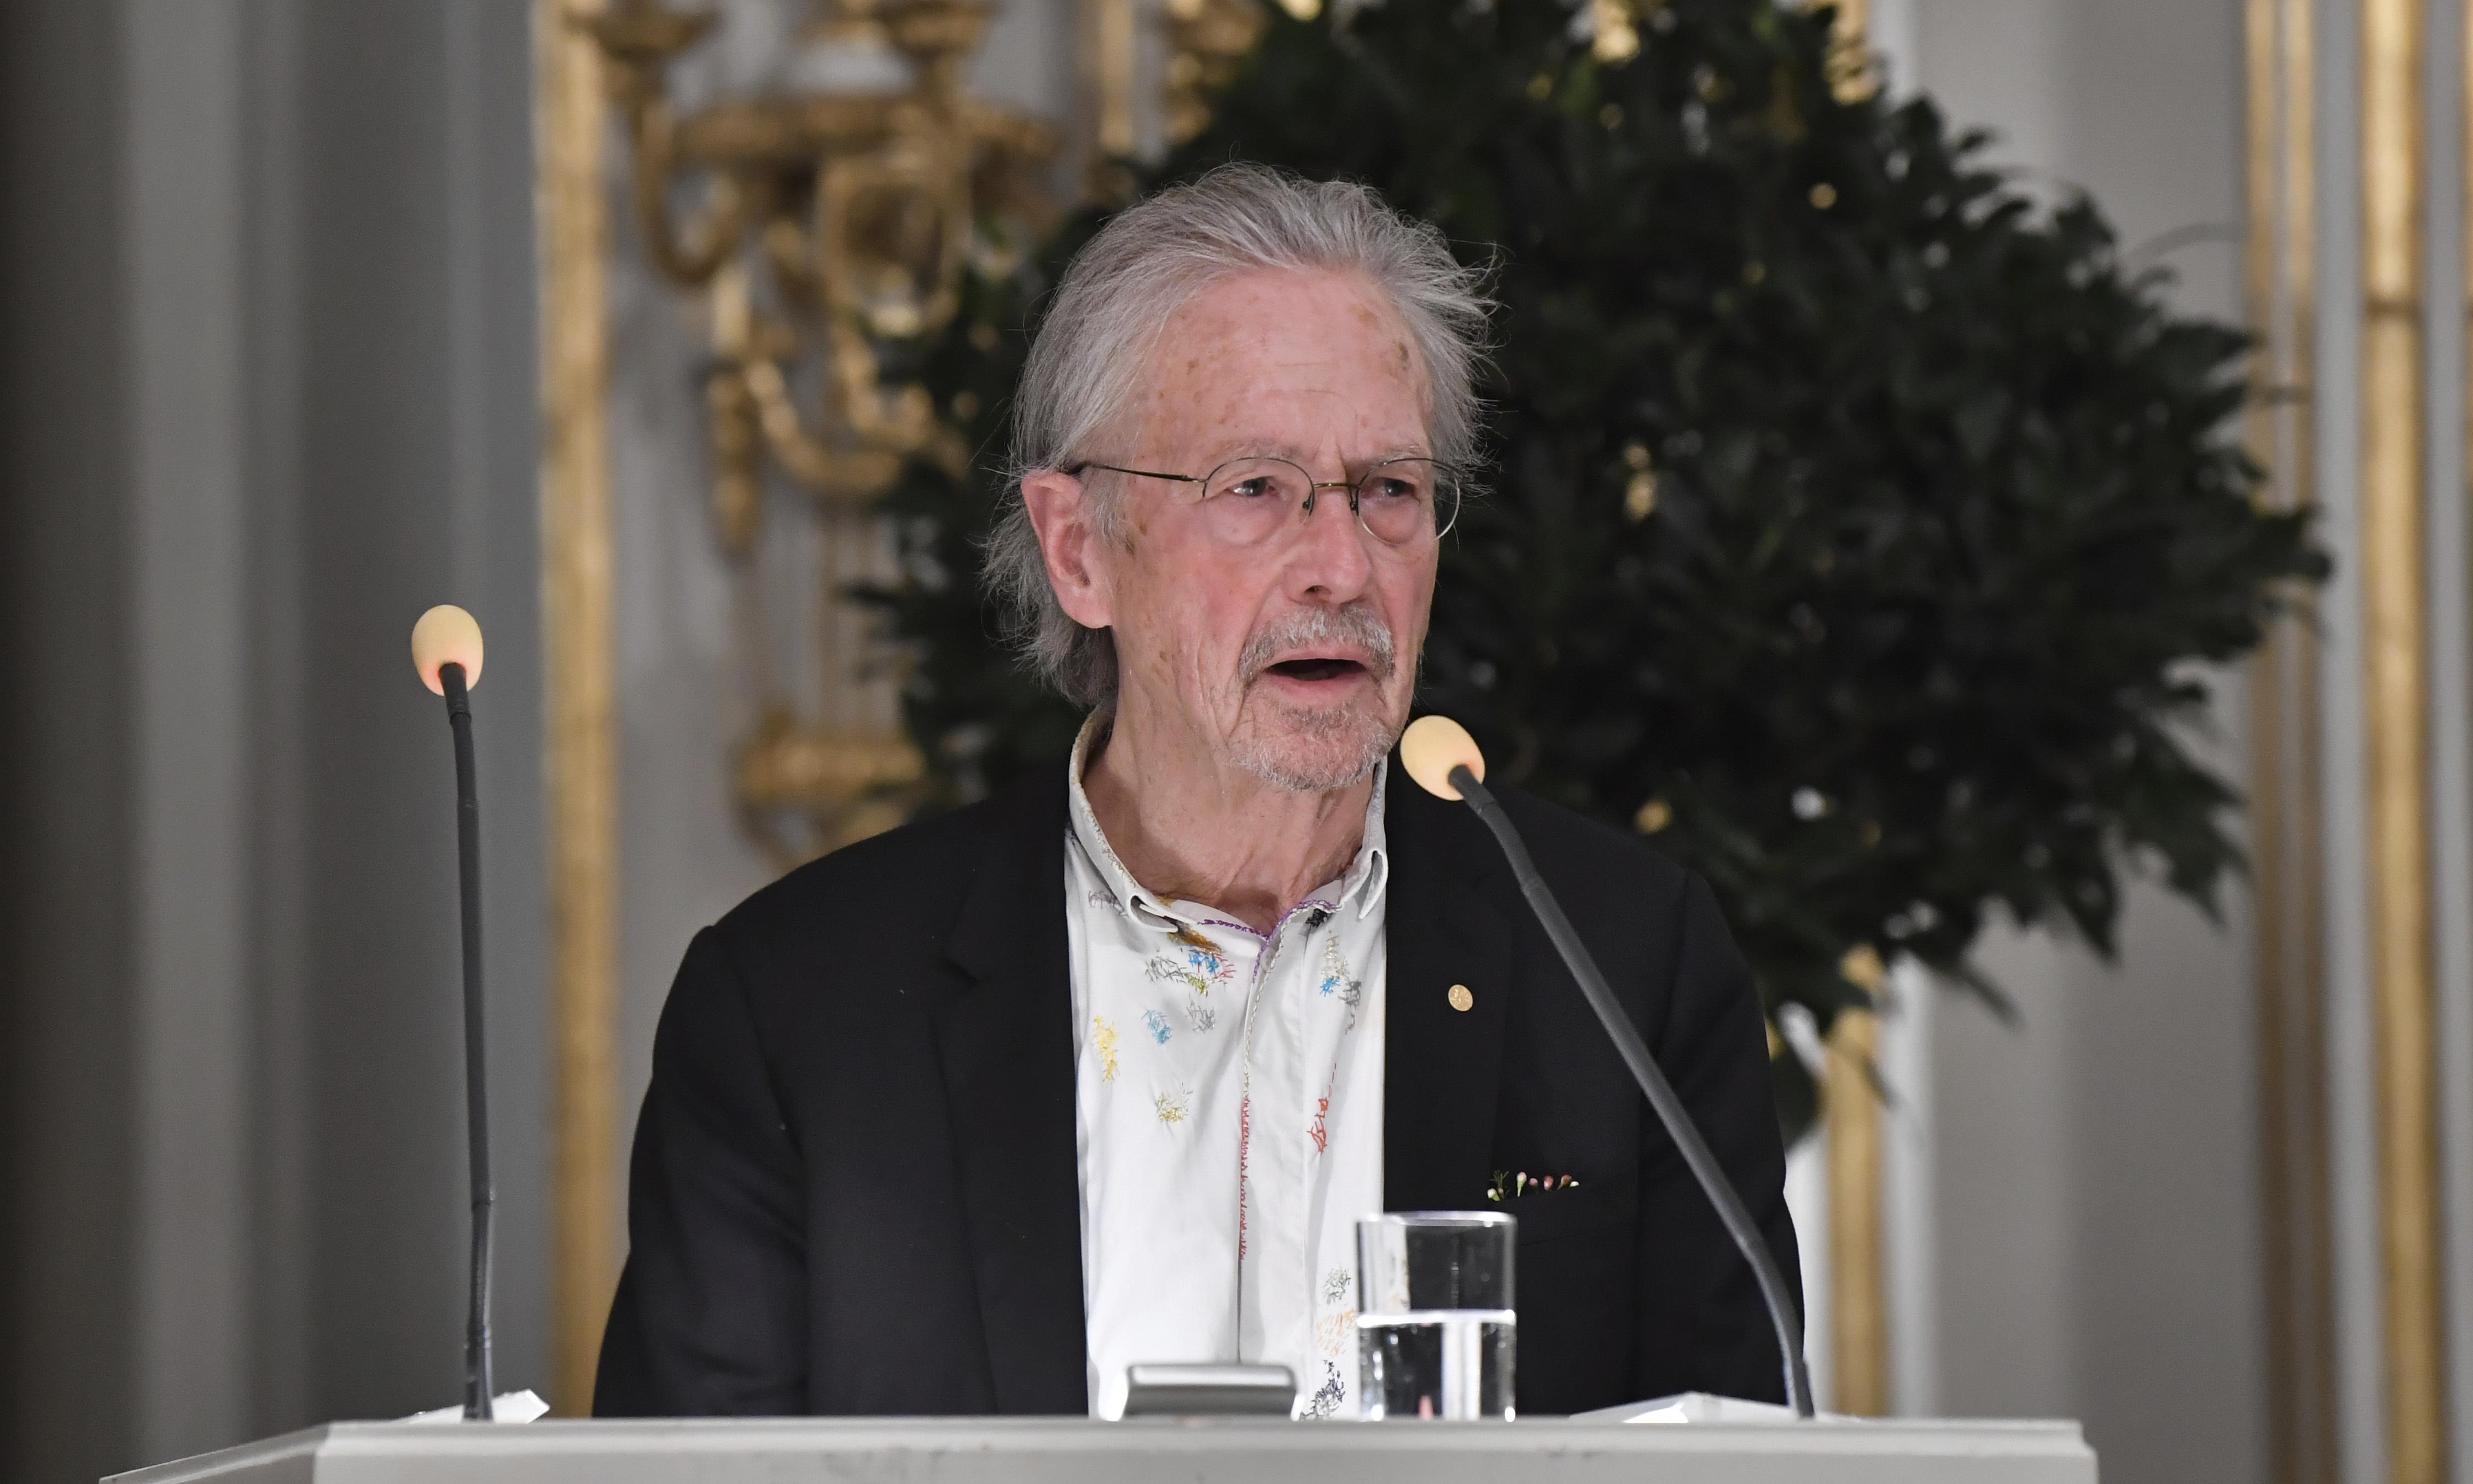 Nobel winner Peter Handke avoids genocide controversy in speech